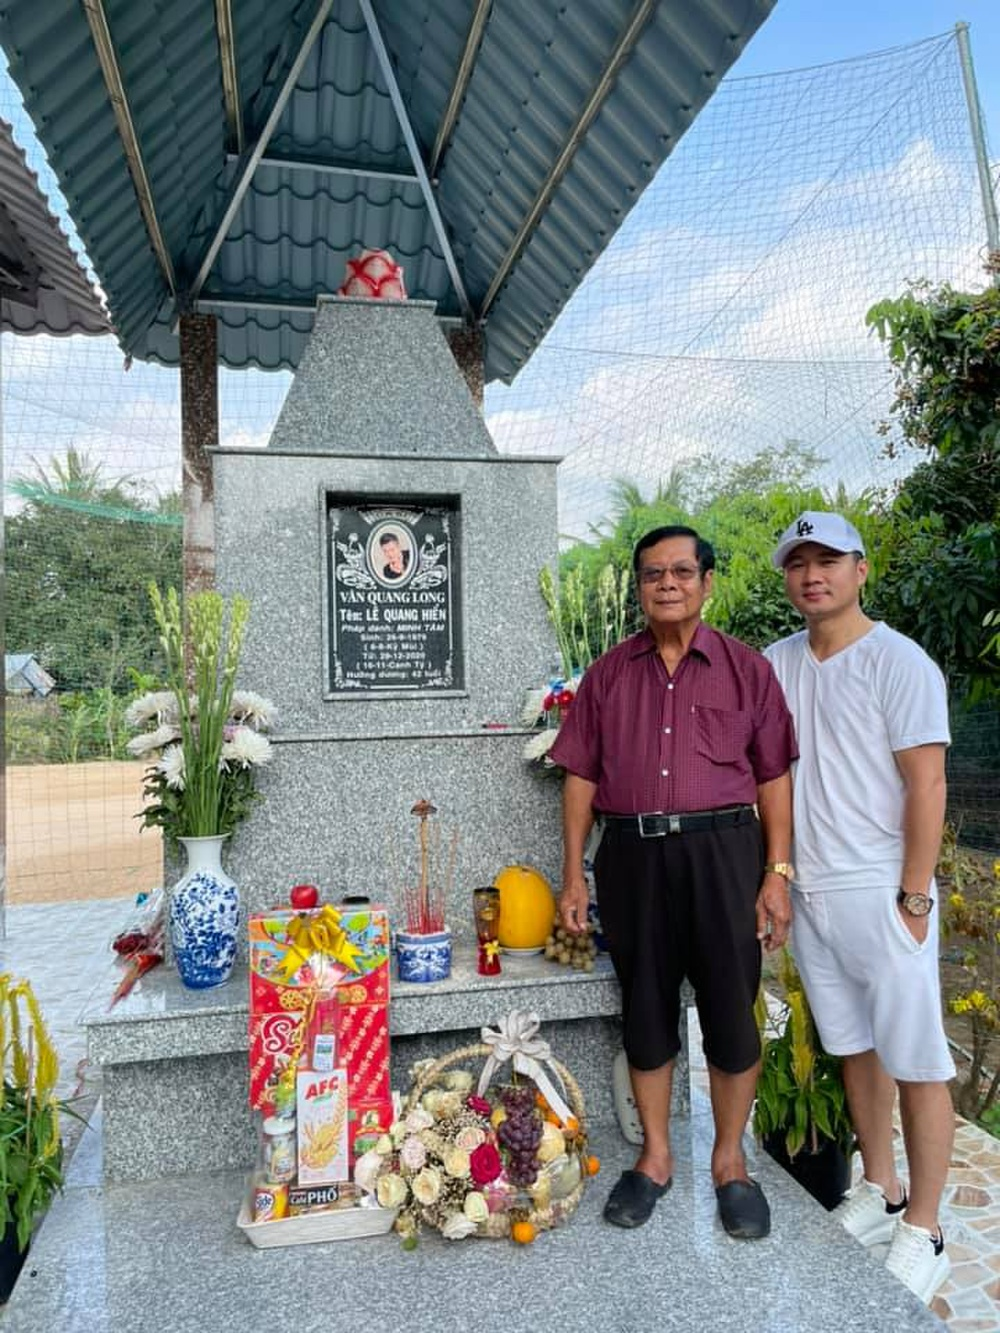 Tròn 100 ngày mất cố ca sĩ Vân Quang Long: Gia đình làm lễ tưởng niệm, Lâm Vũ về thăm mộ bạn thân Ảnh 2